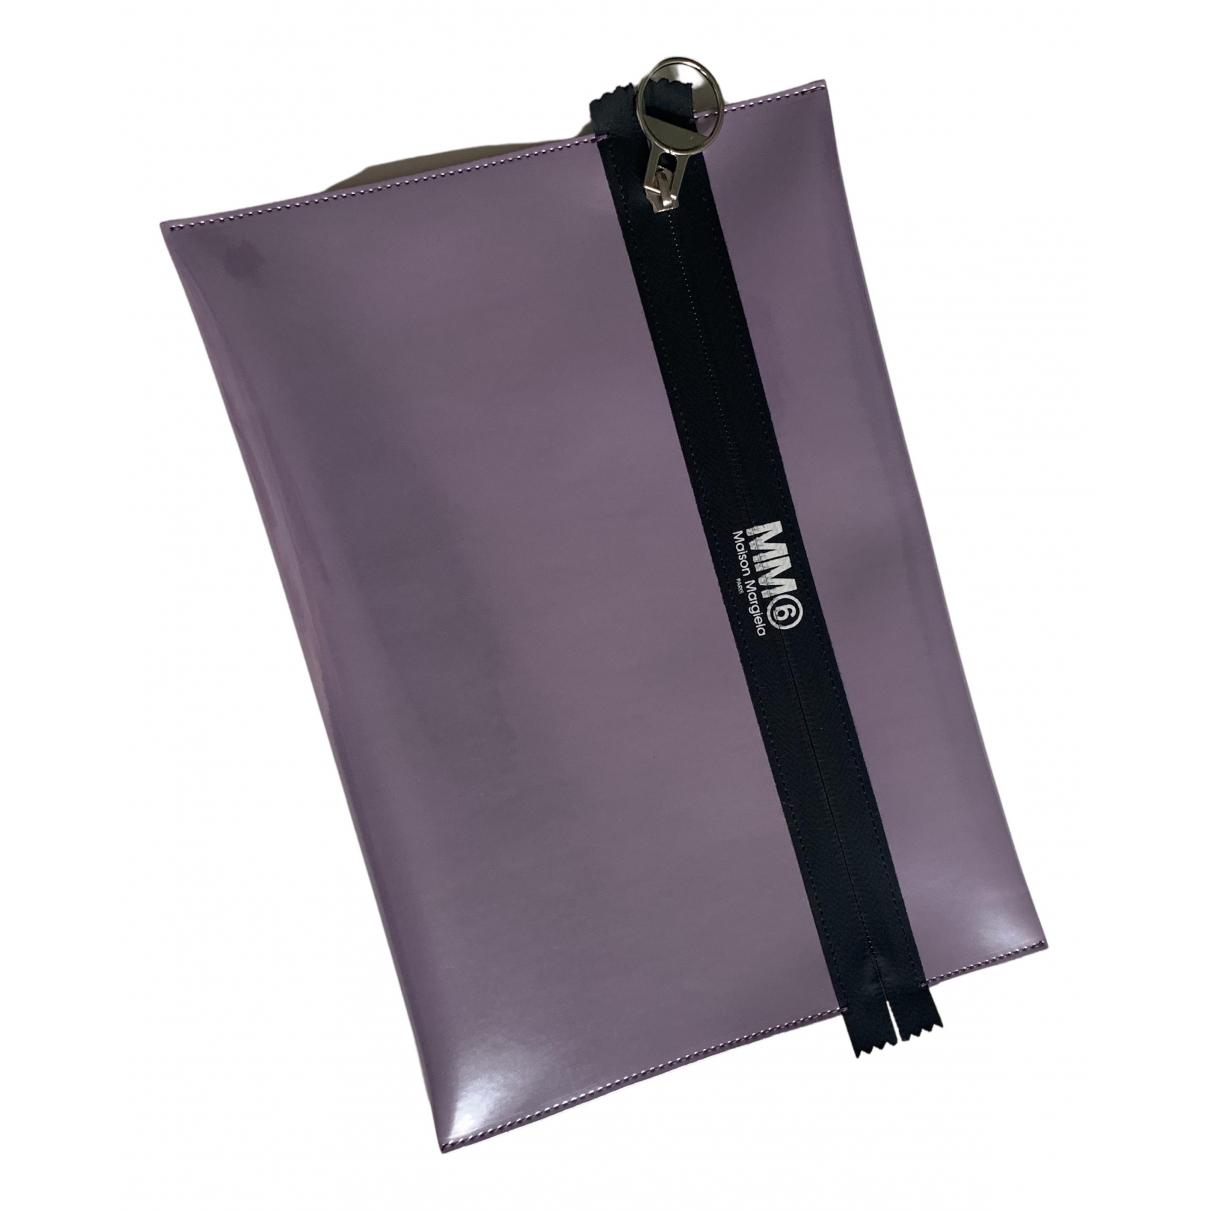 Bolsos clutch en Poliester Violeta Mm6